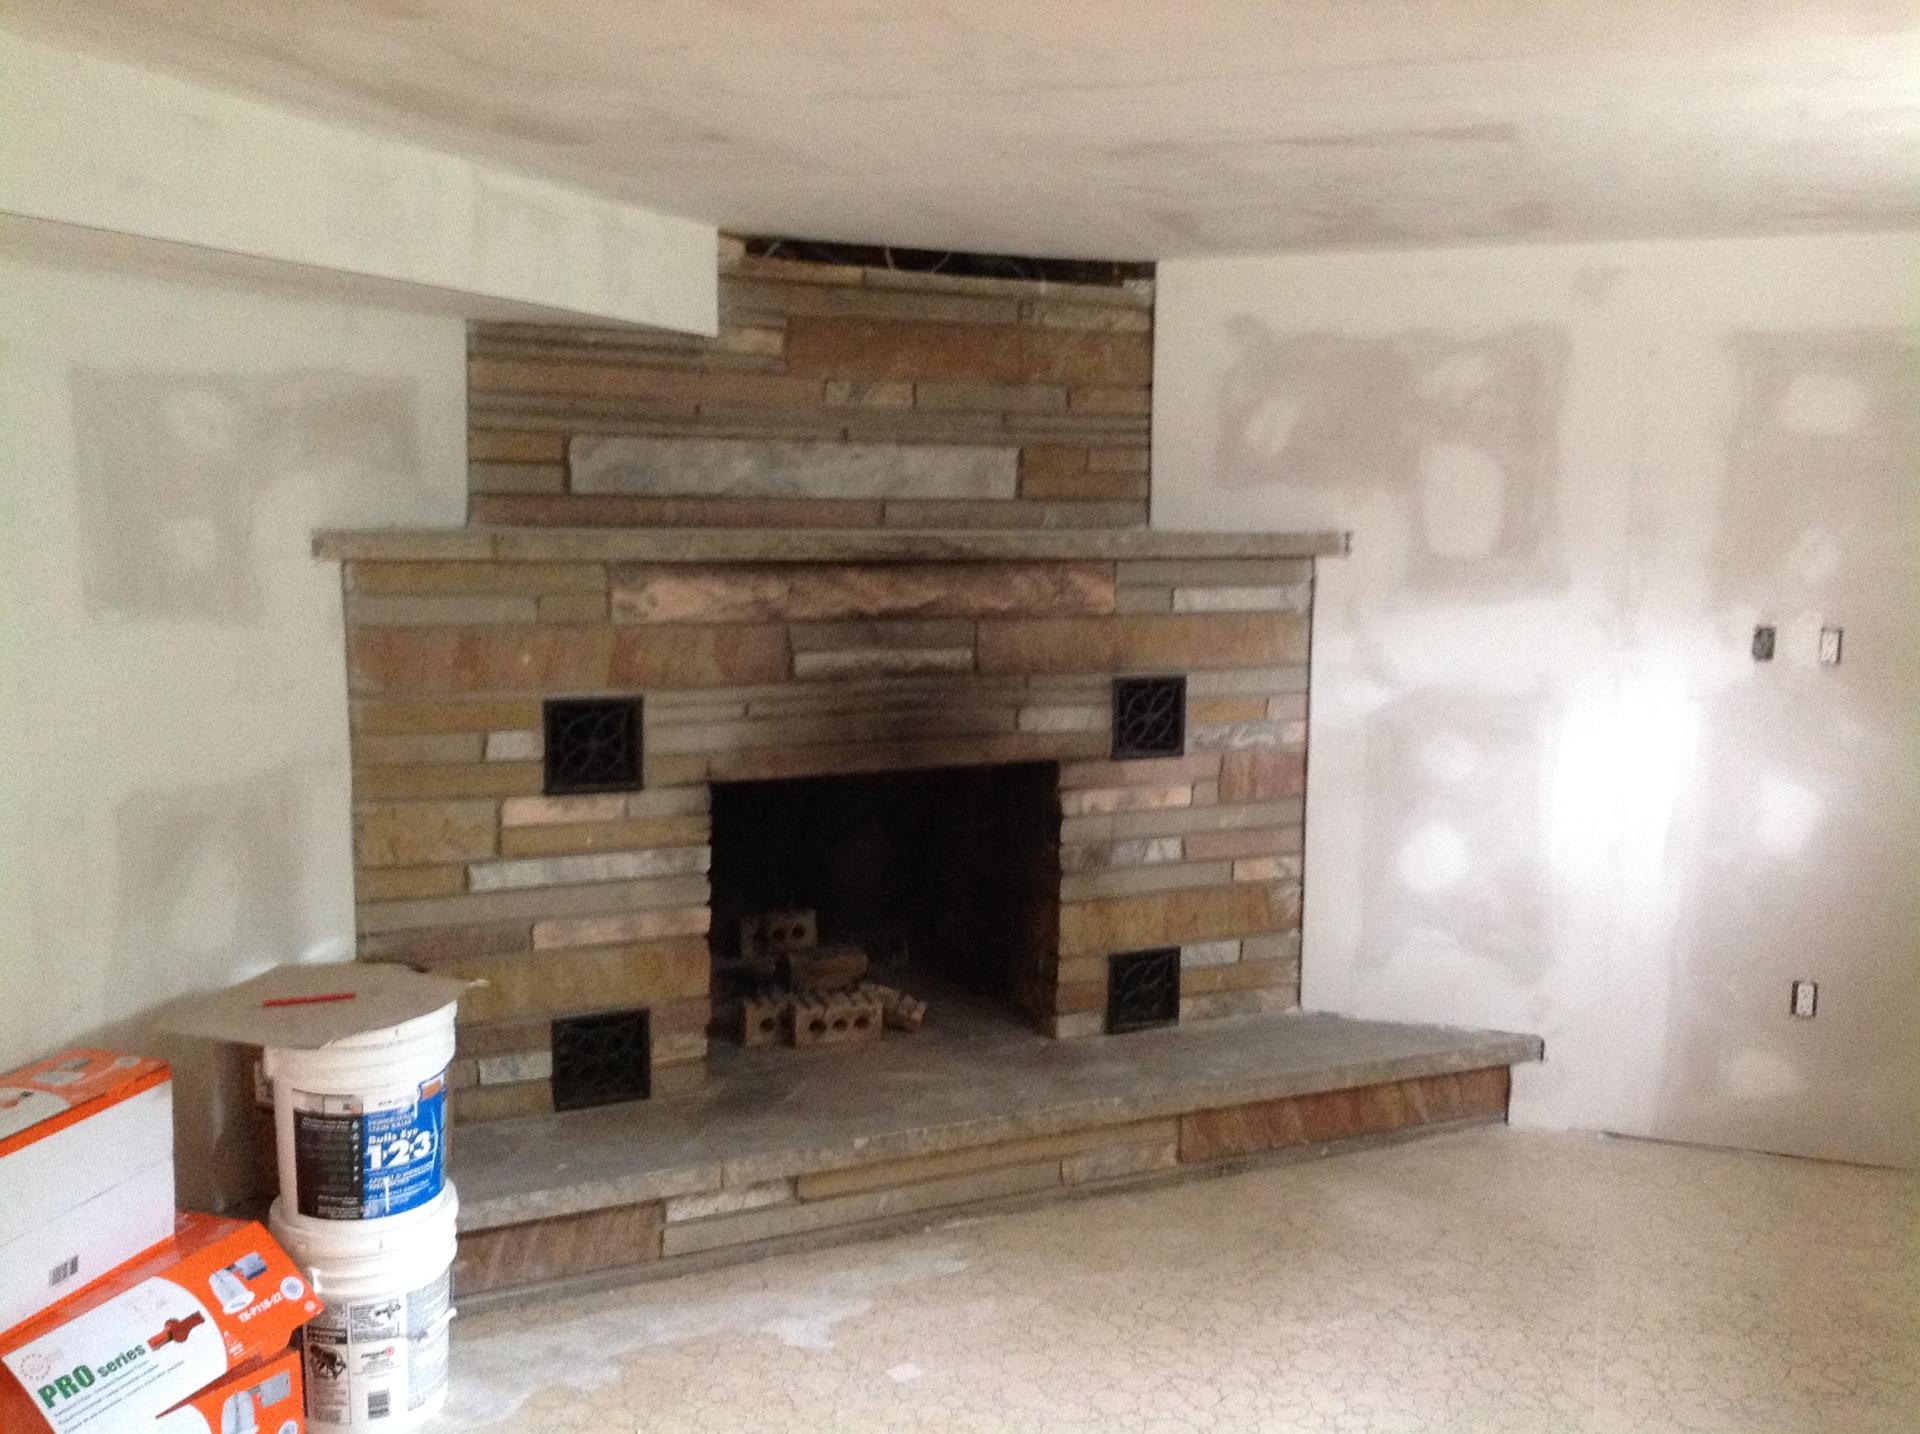 Drywall around brick fireplace